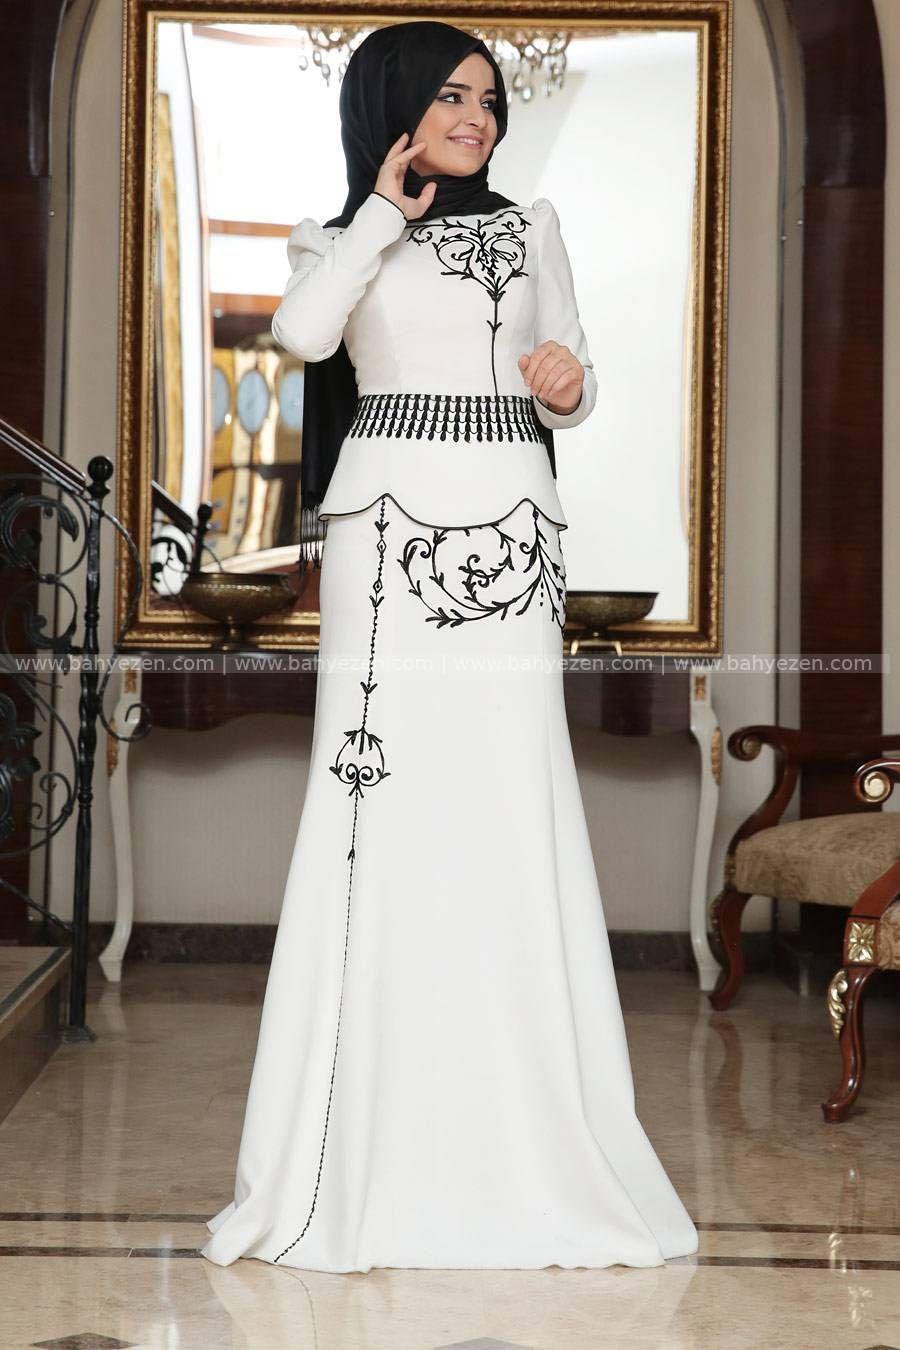 c5fa18b36c679 Tesettür, tesettür giyim, abiye, elbise, ferace   Bahyezen   tr ...